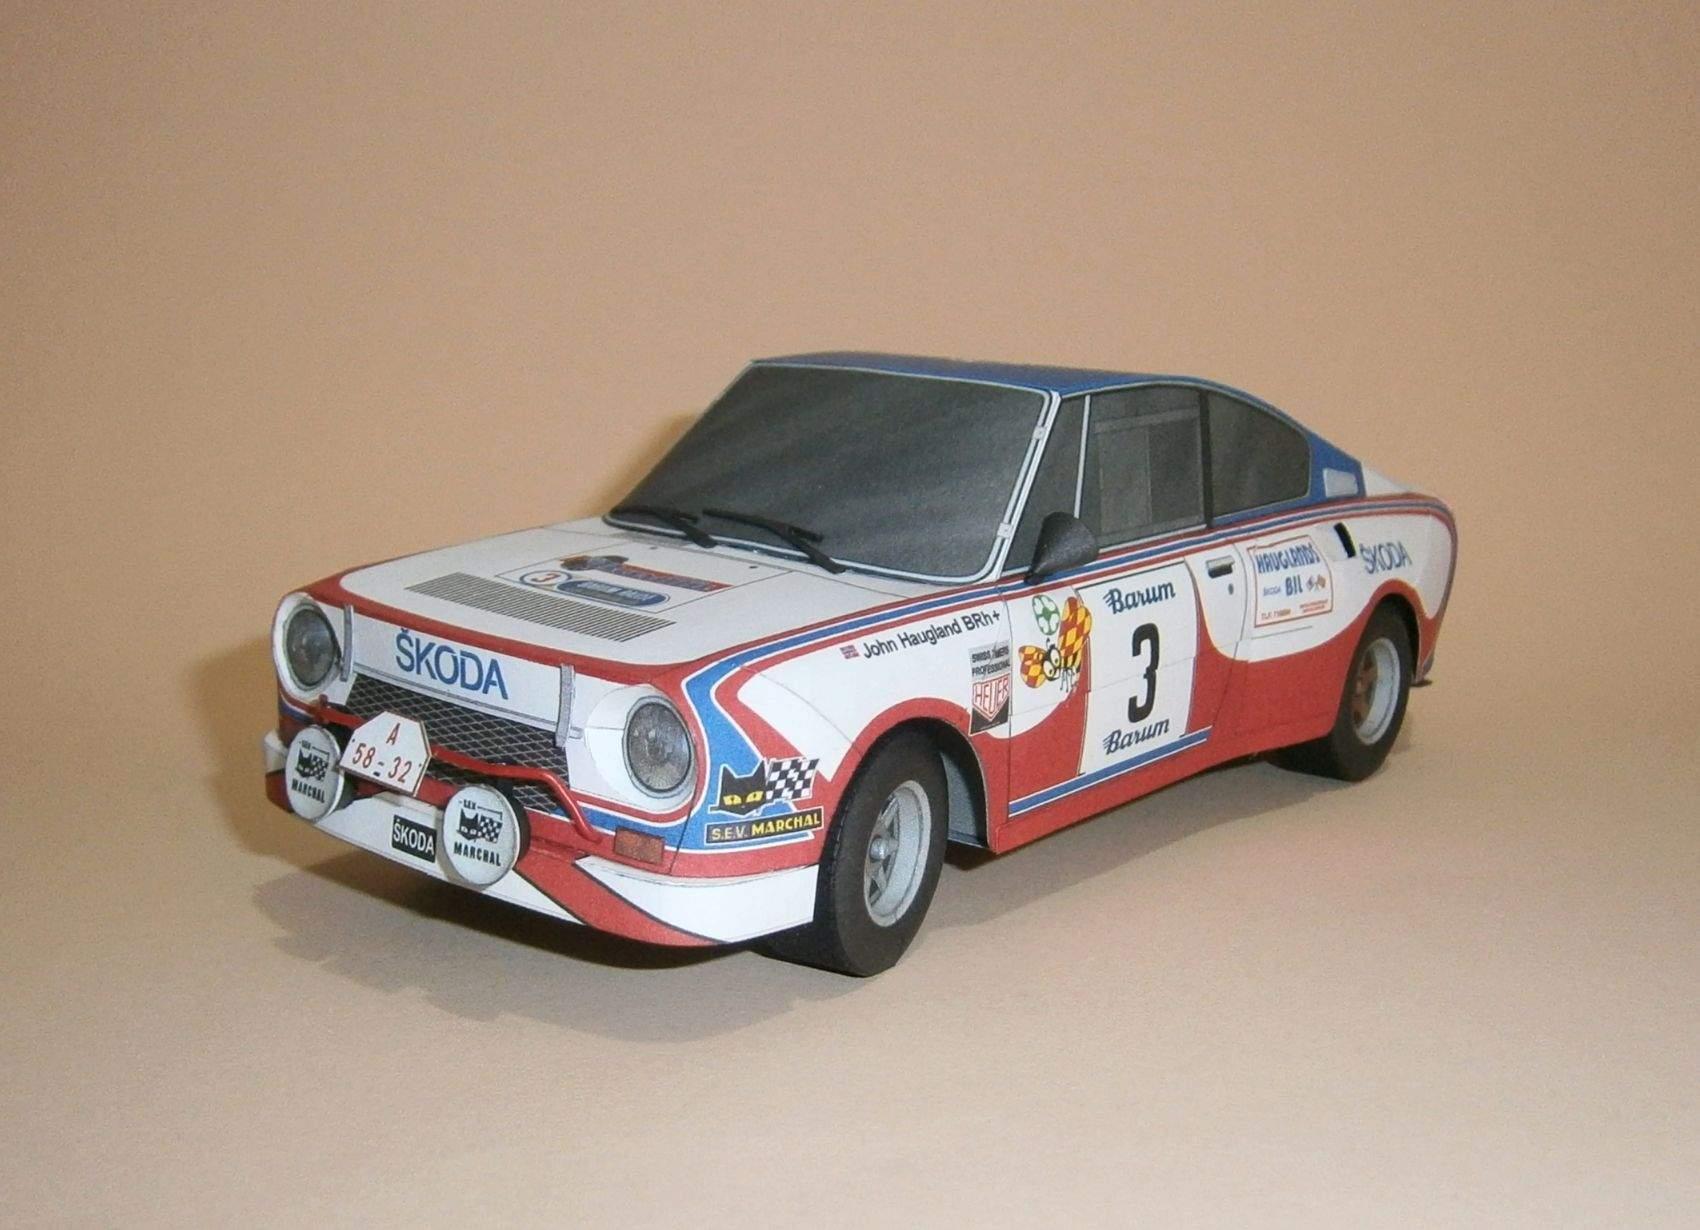 Škoda 130 RS - Barum Rallye 1981